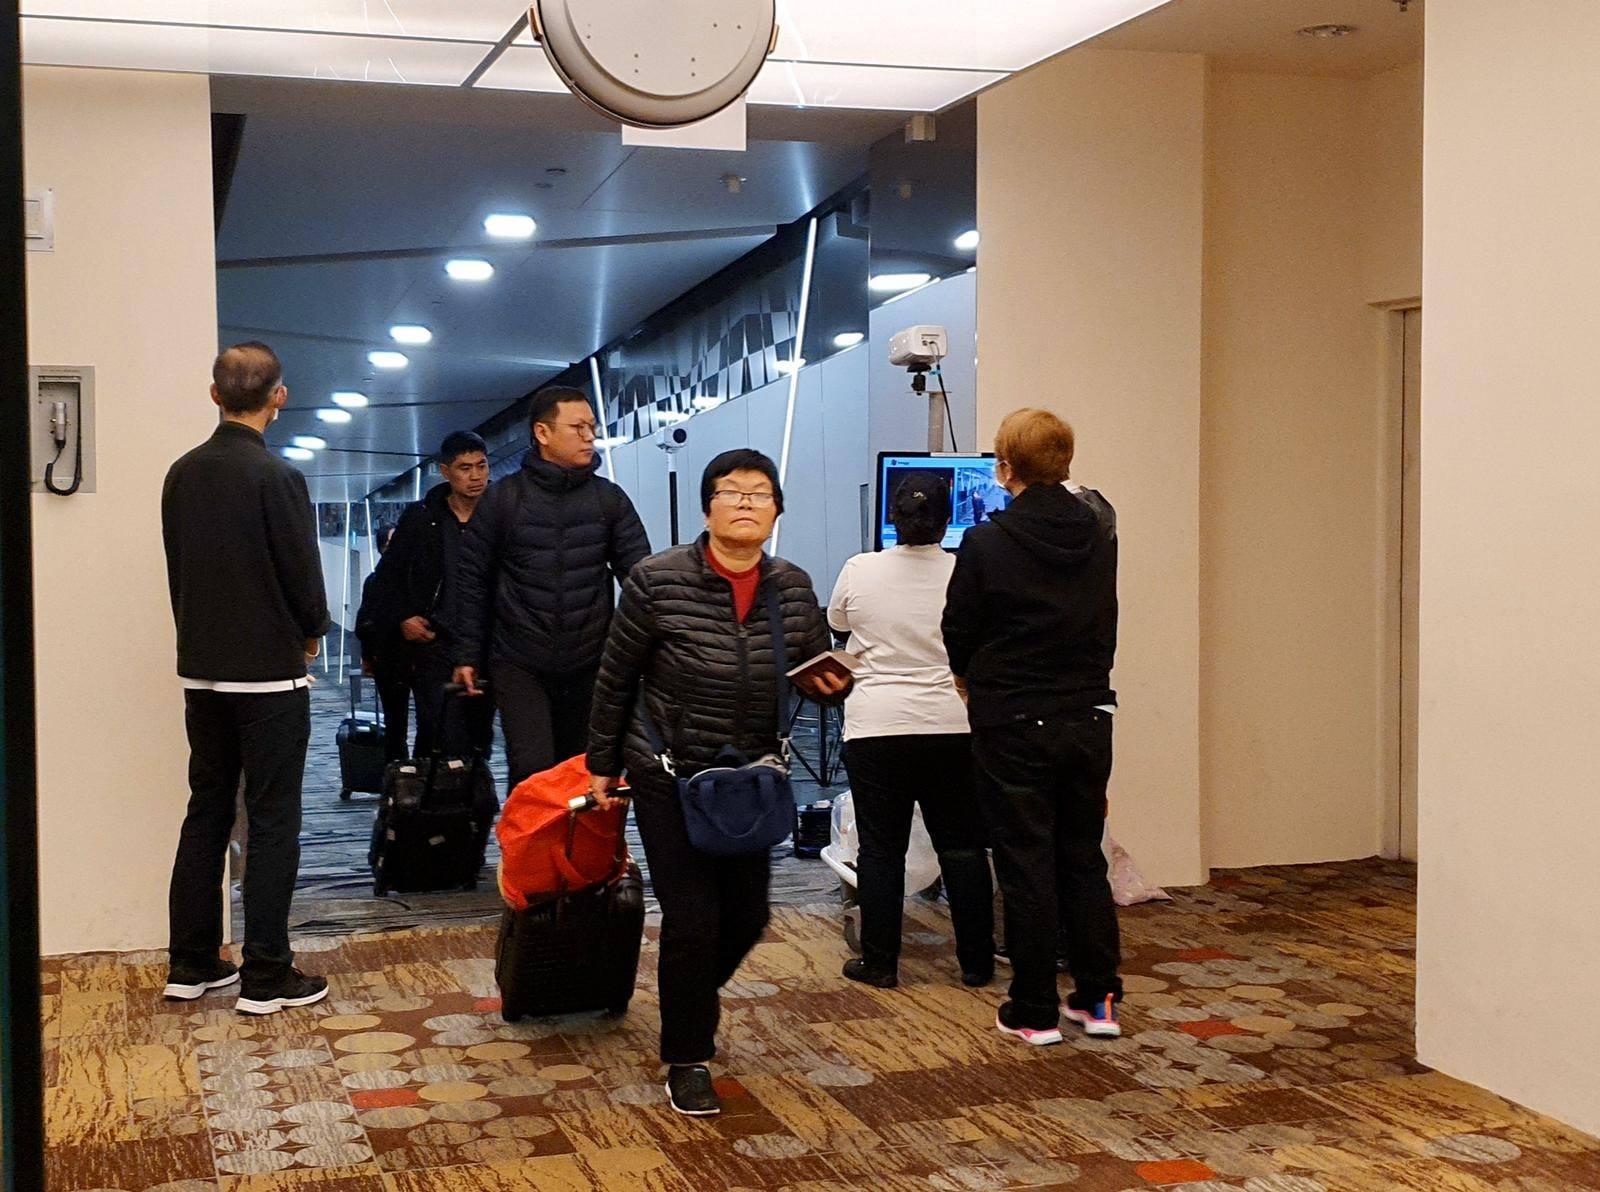 樟宜机场周六起采取防范措施,凡从中国武汉抵新的乘客都须接受体温检测,防止当地肺炎传入我国。(取自许文远面子书)